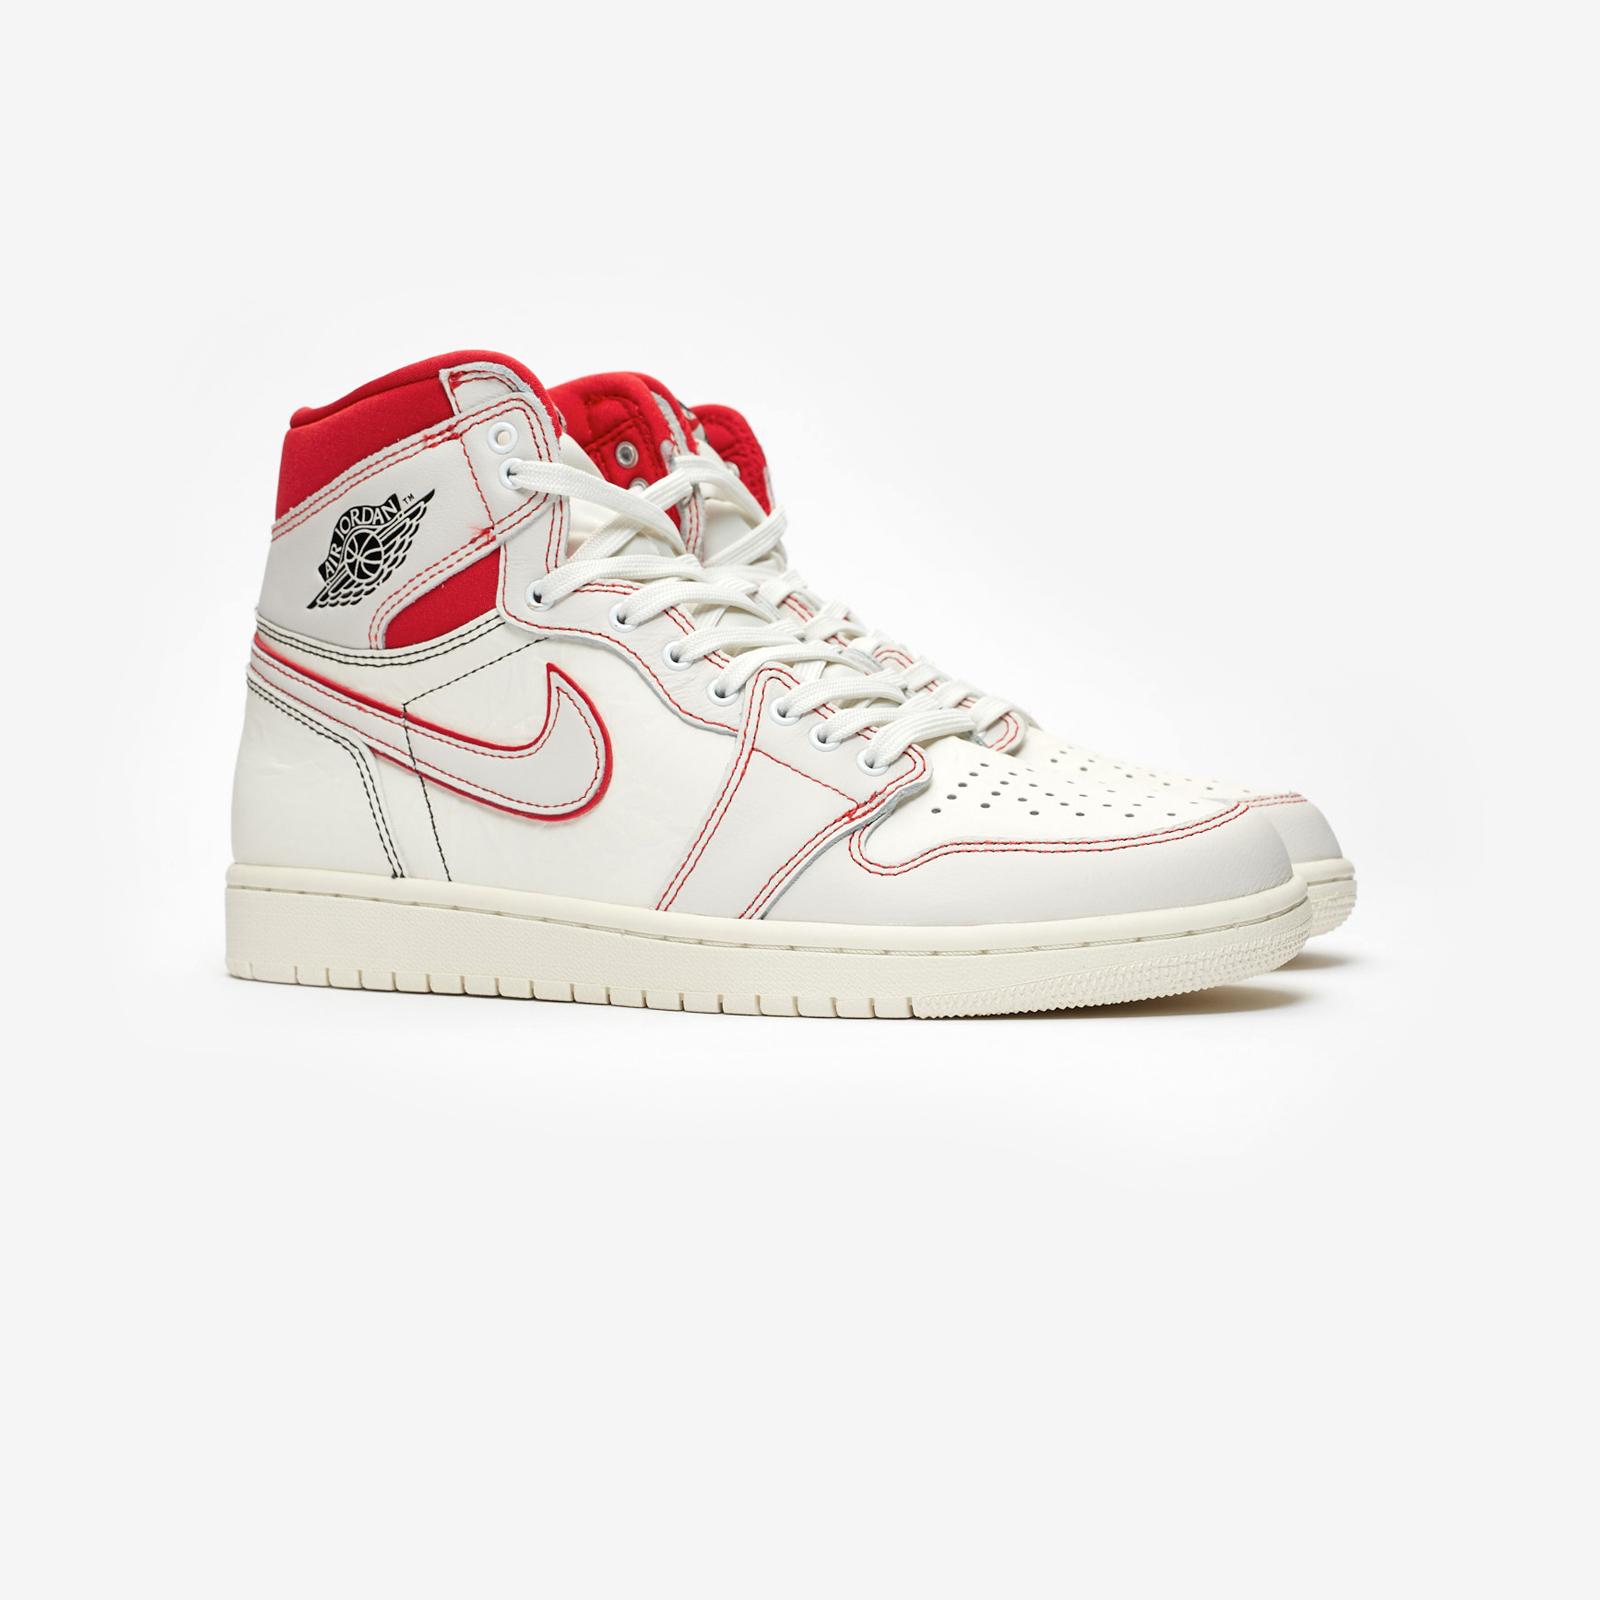 half off 9c31d 26987 Jordan Brand Air Jordan 1 Retro High OG